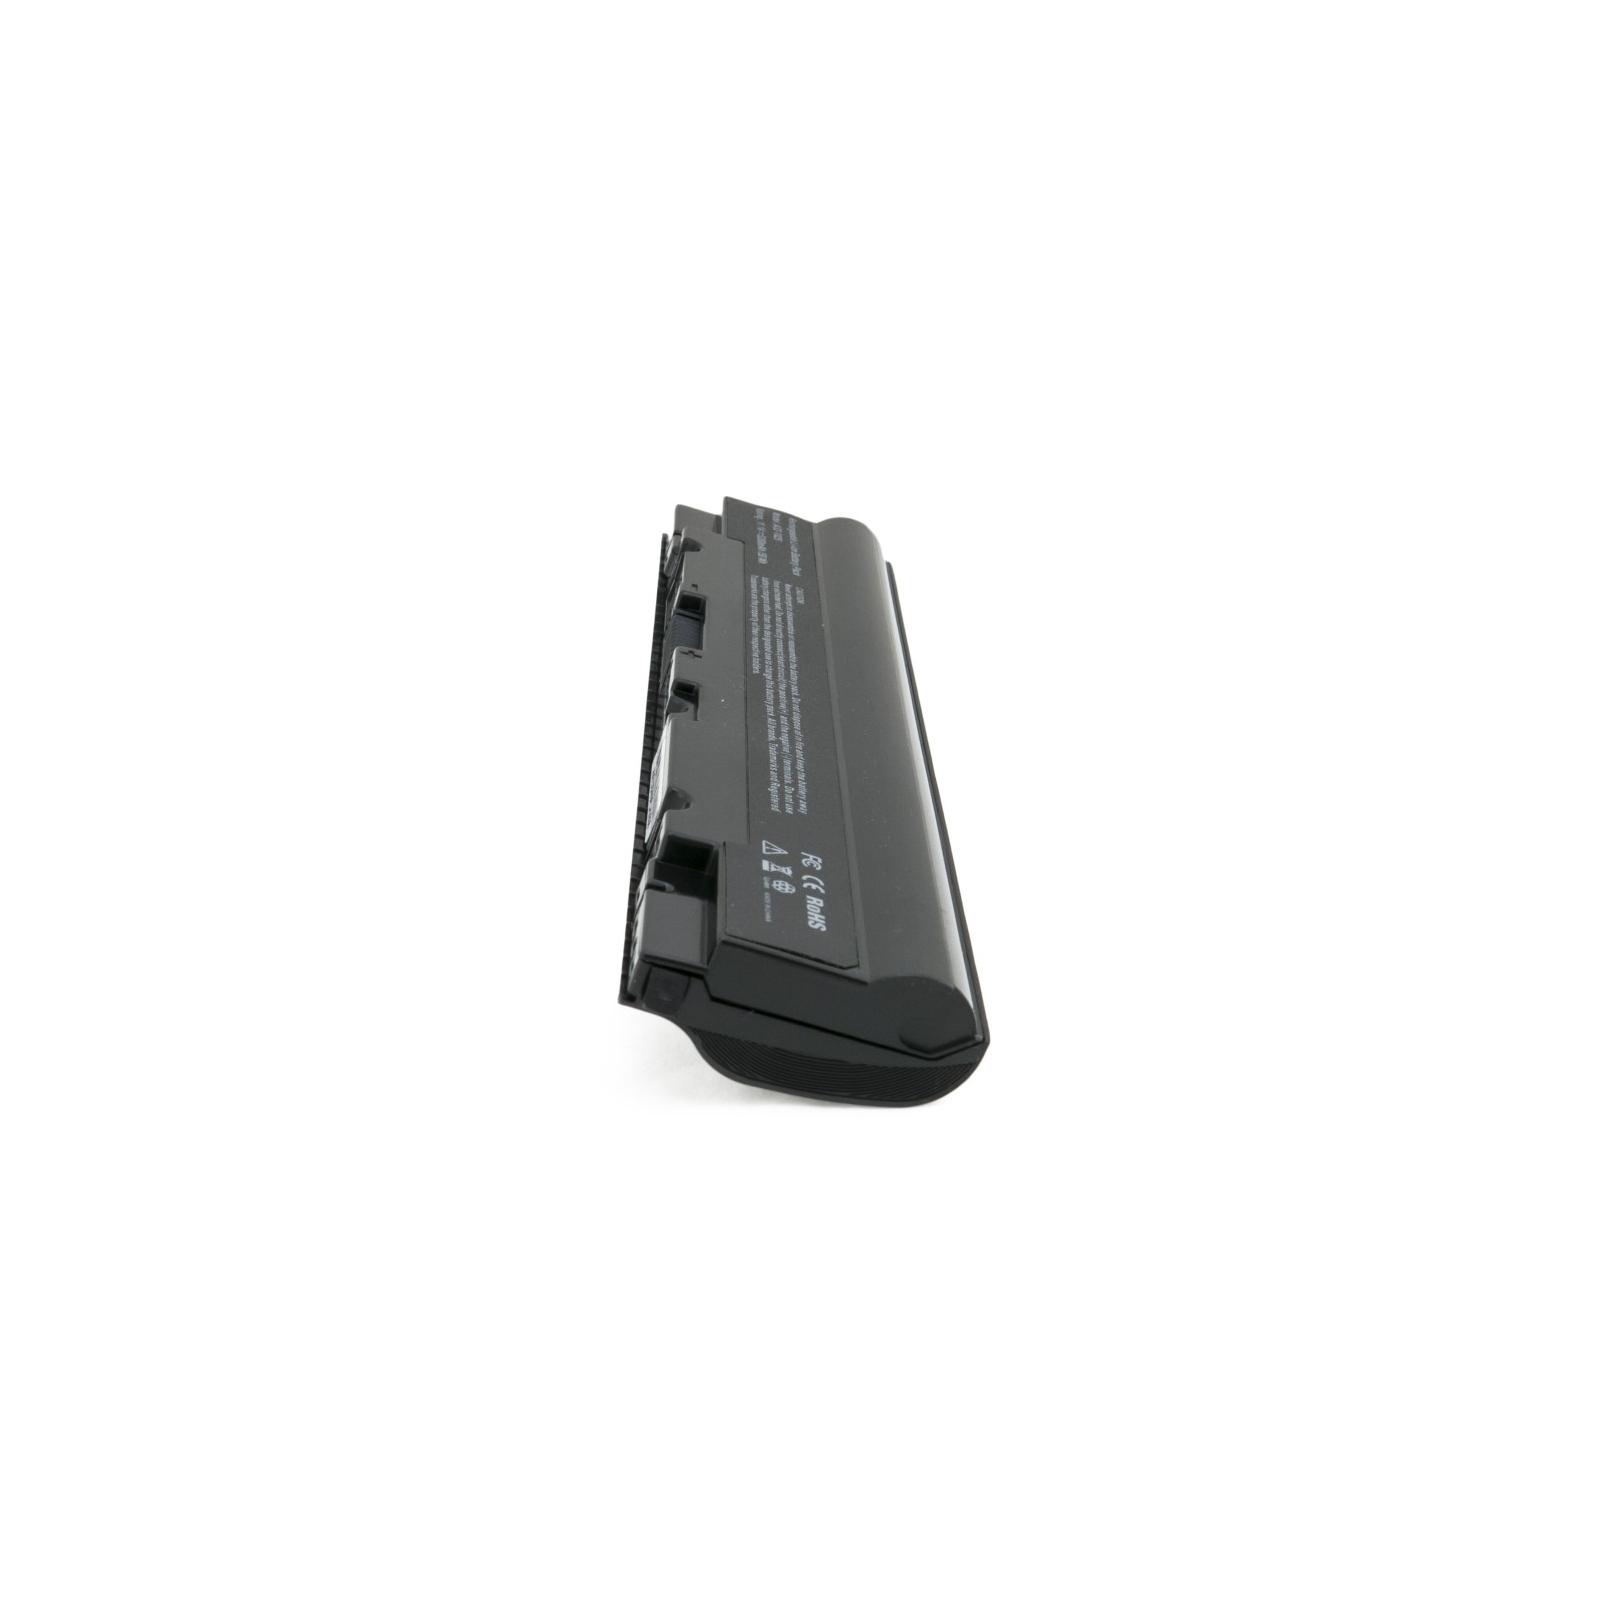 Аккумулятор для ноутбука Asus Eee PC 1025 (A32-1025) 5200 mAh Extradigital (BNA3921) изображение 4